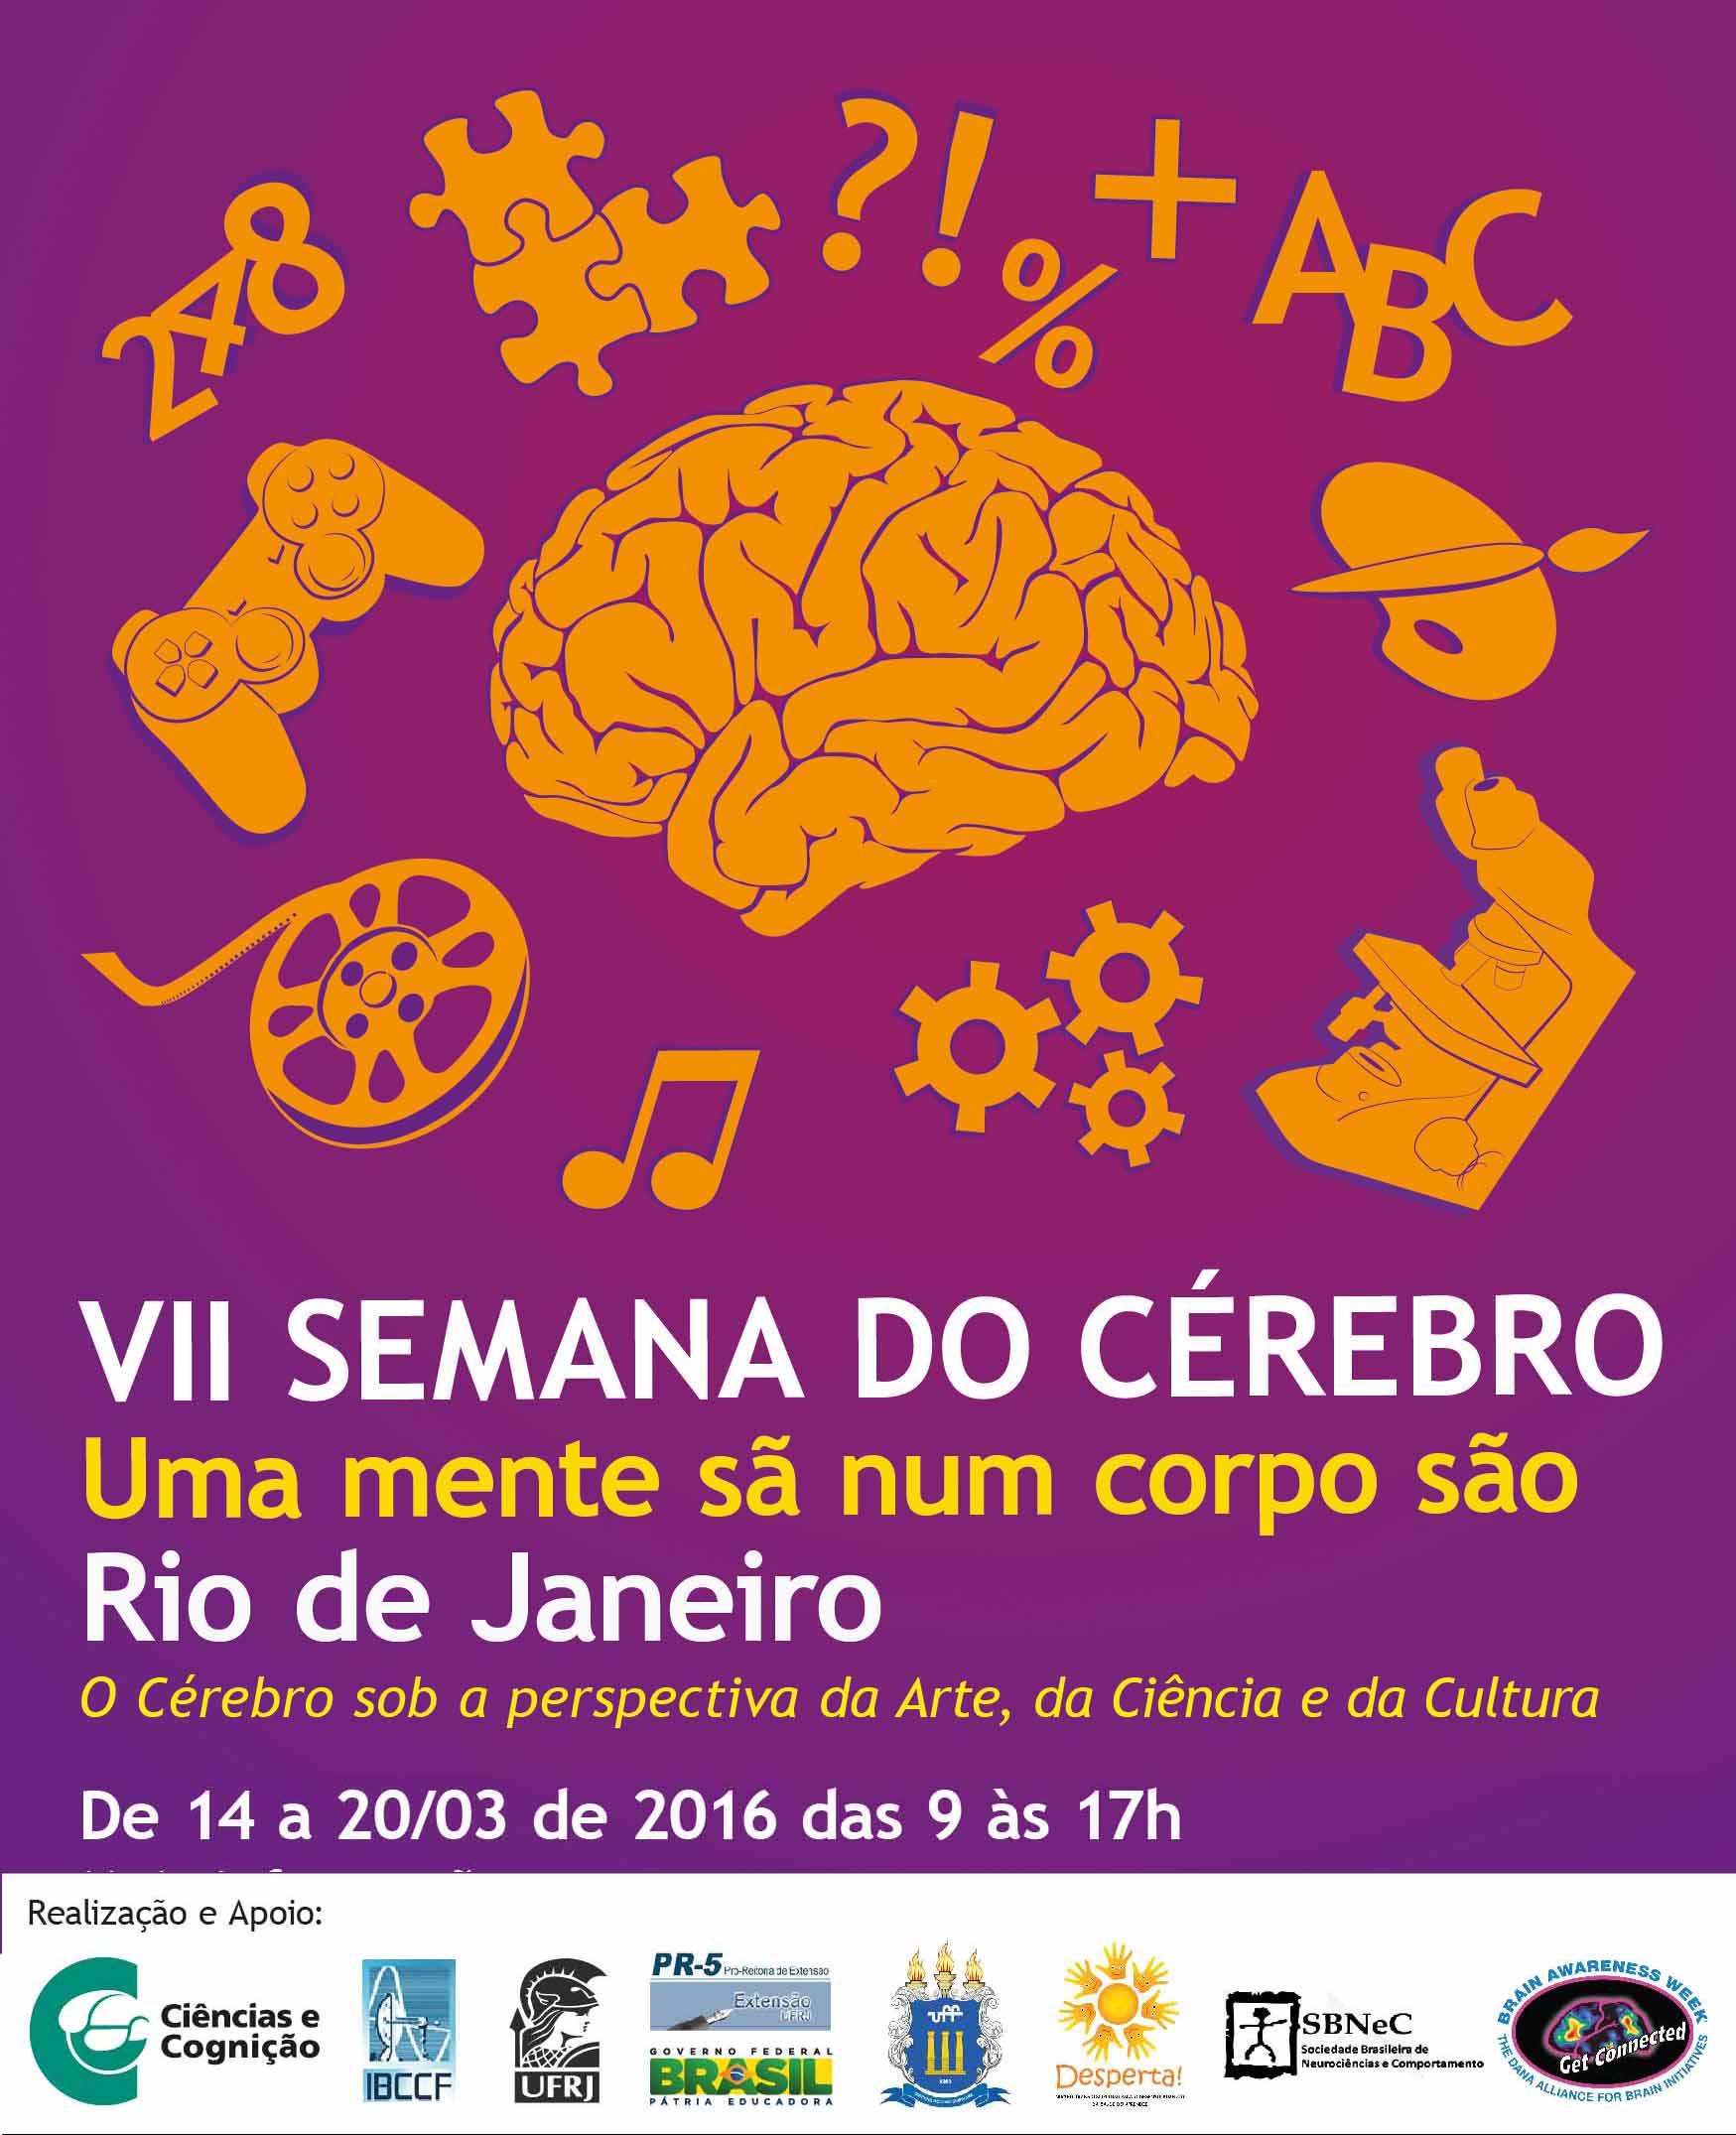 Começaram as atividades da VII Semana do Cérebro no Rio de Janeiro